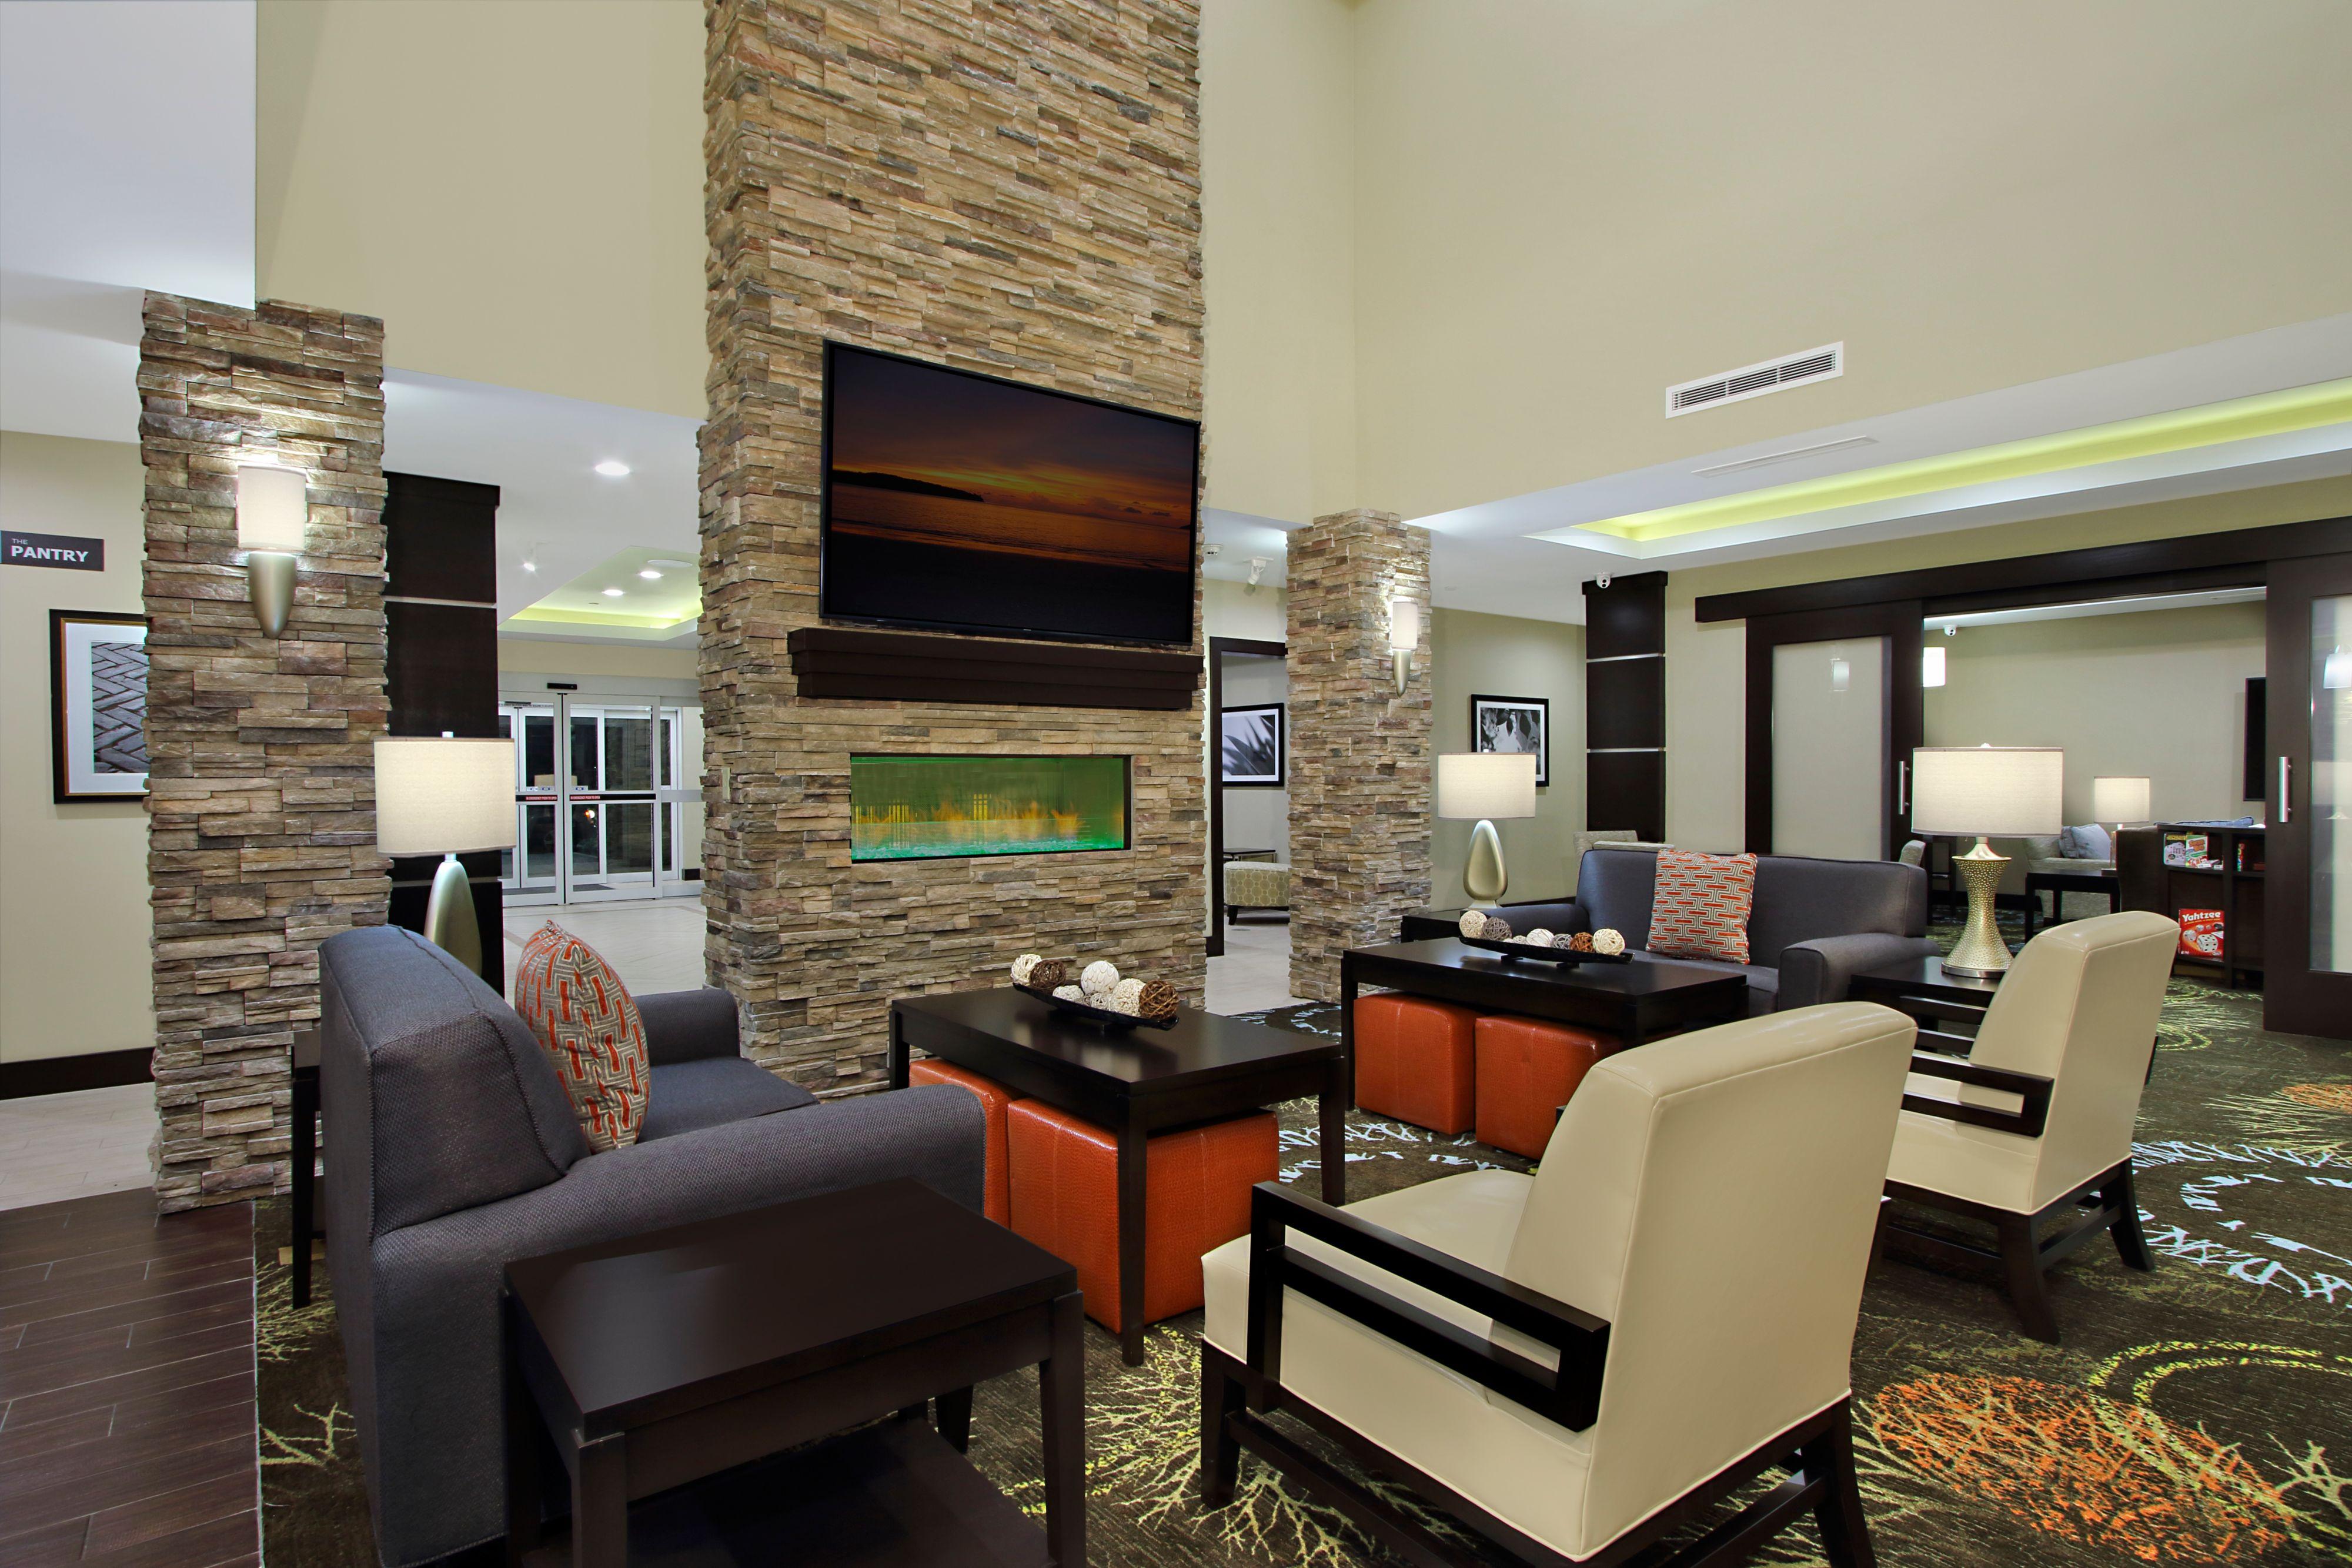 Staybridge Suites Houston W - Westchase Area image 4